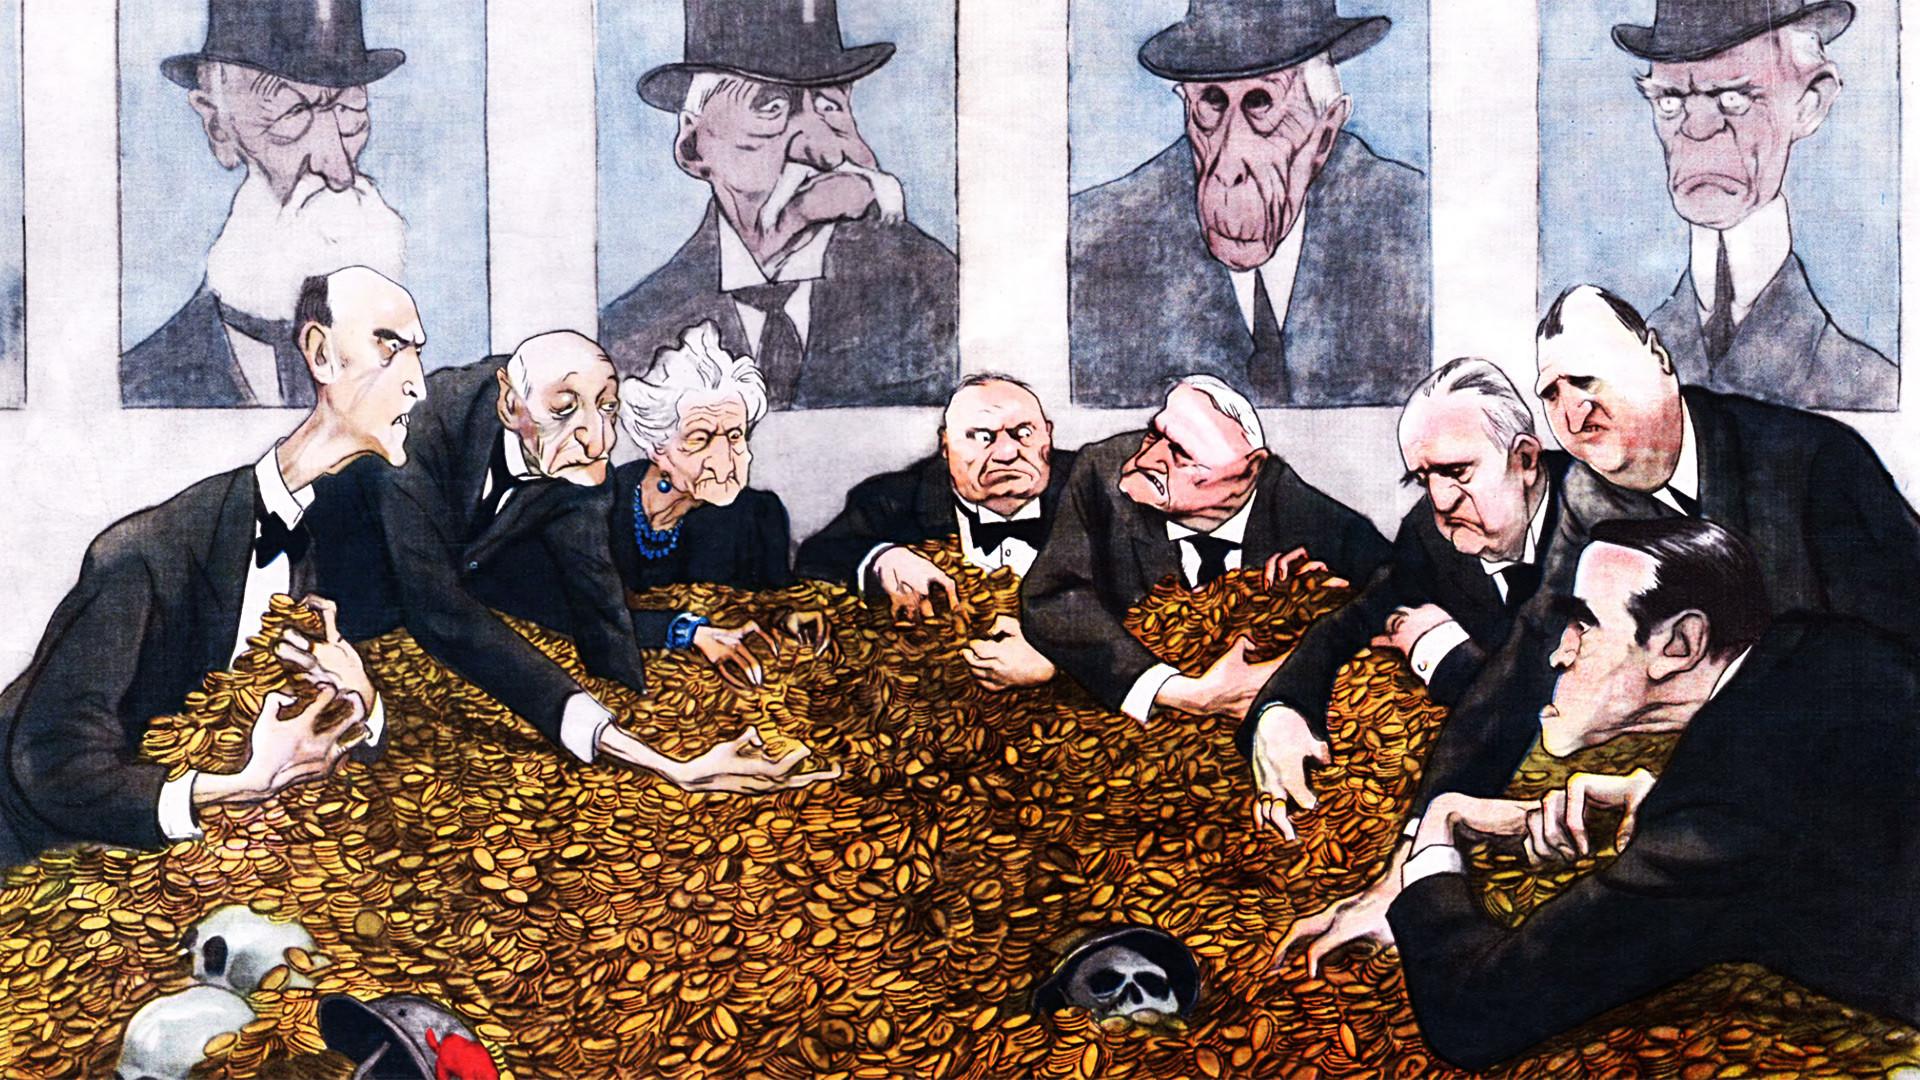 Foto Karikatur Salah Satu Cara Uni Soviet Menyindir Kapitalisme